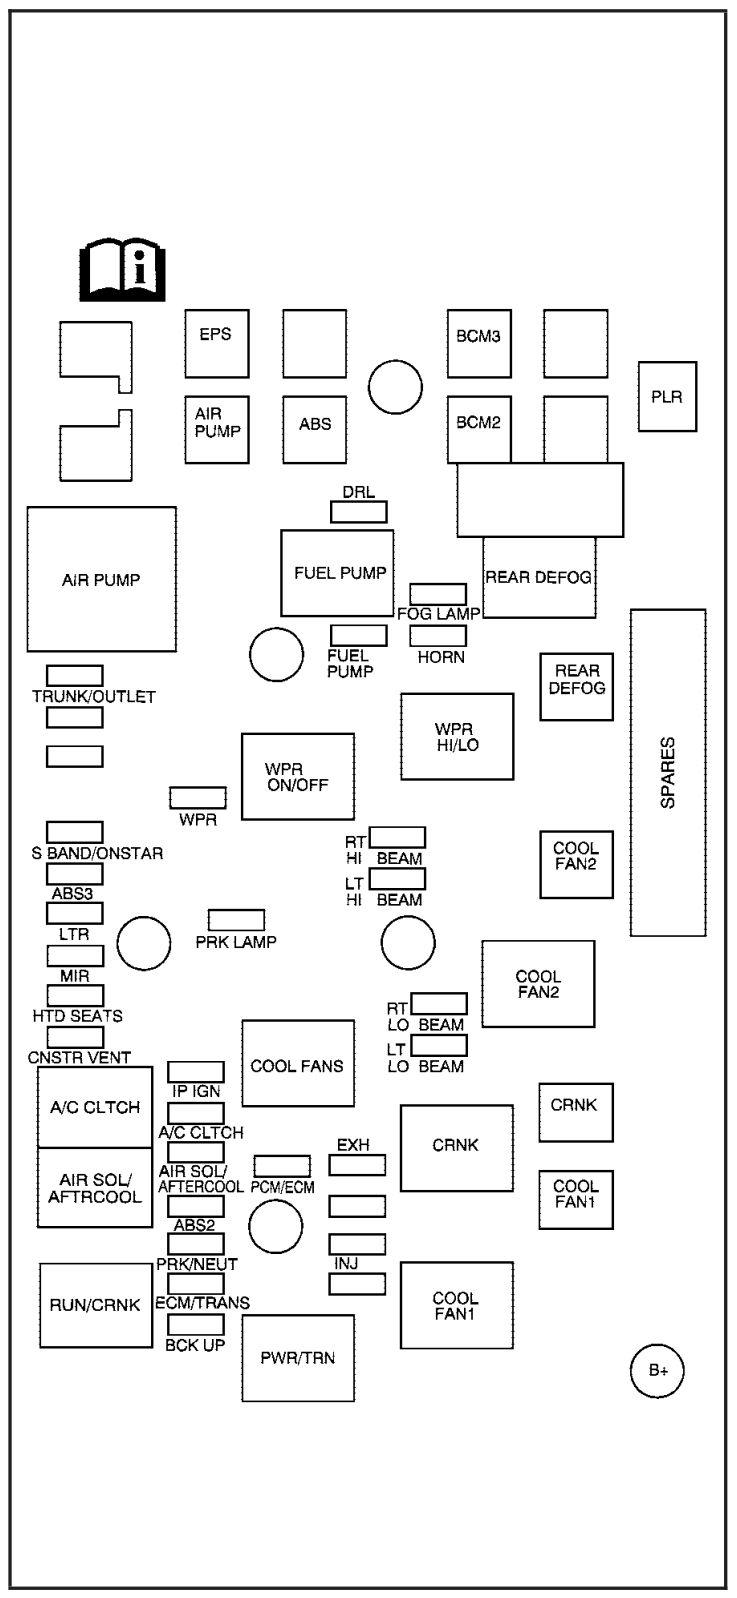 Strange Pontiac G5 Fuse Box Wiring Diagram Database Wiring Cloud Onicaxeromohammedshrineorg